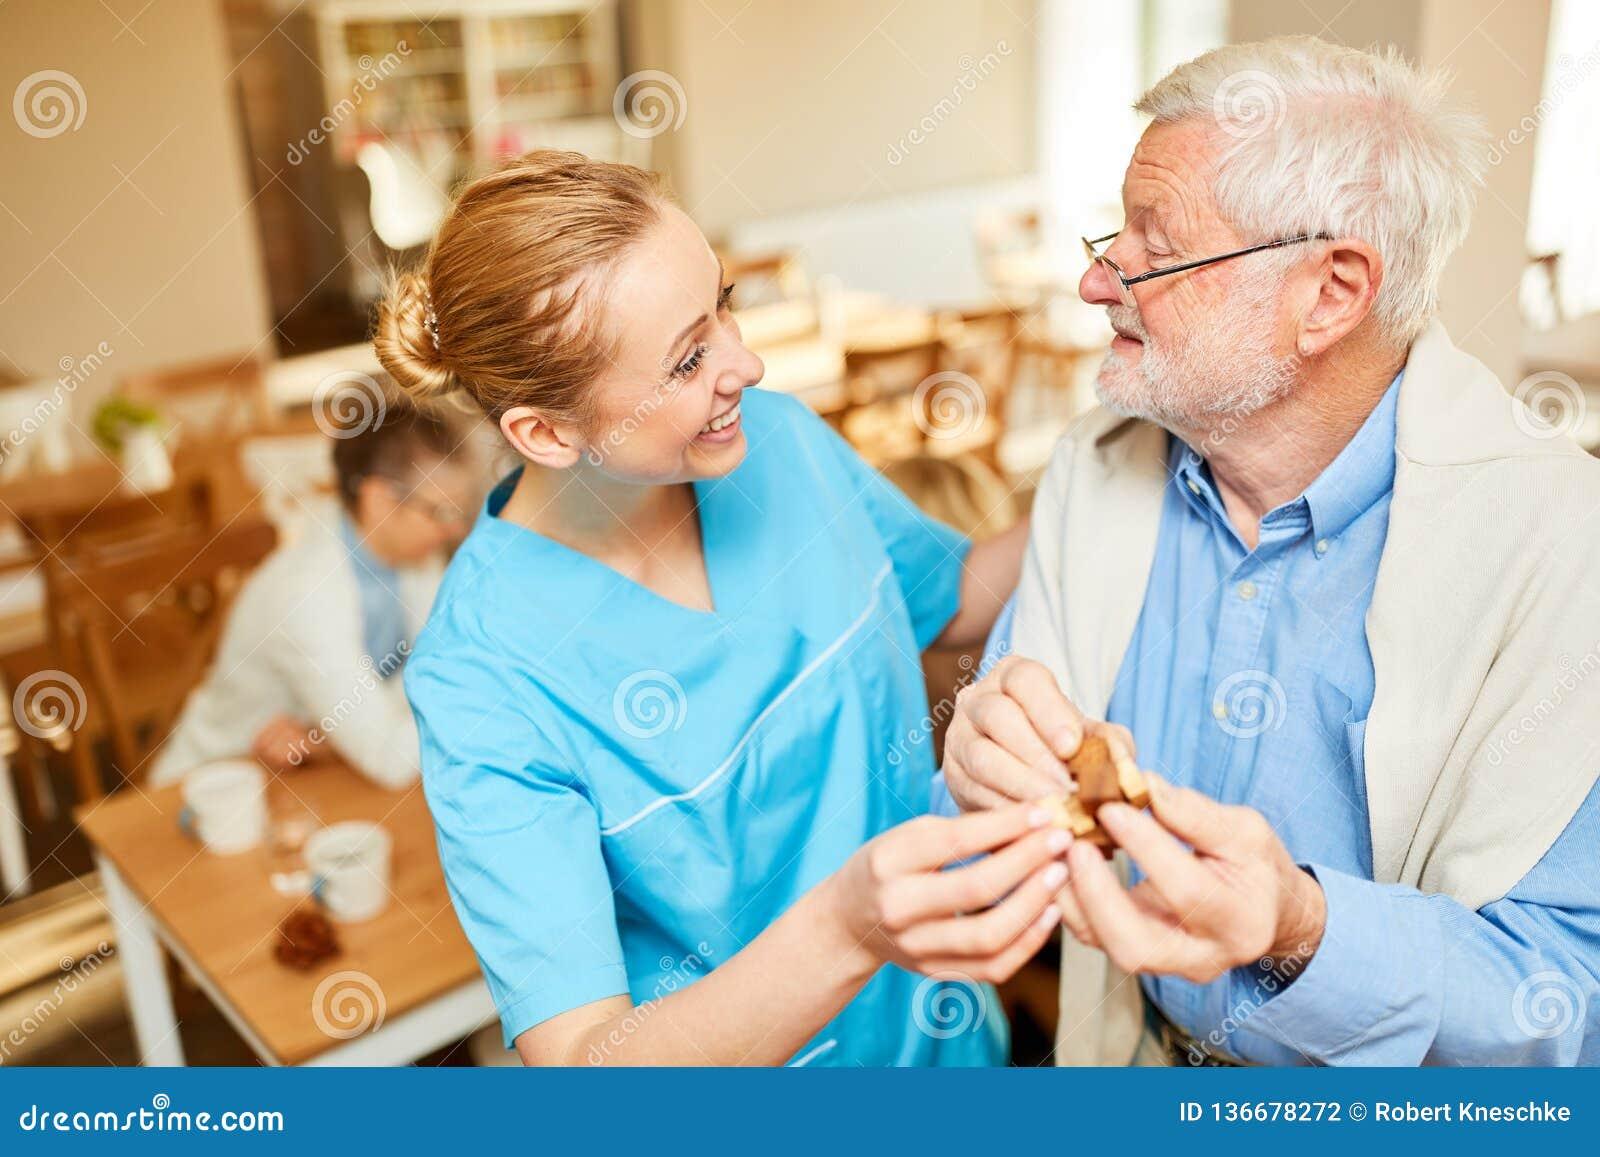 Pensionär för vårdhemomsorg med demens